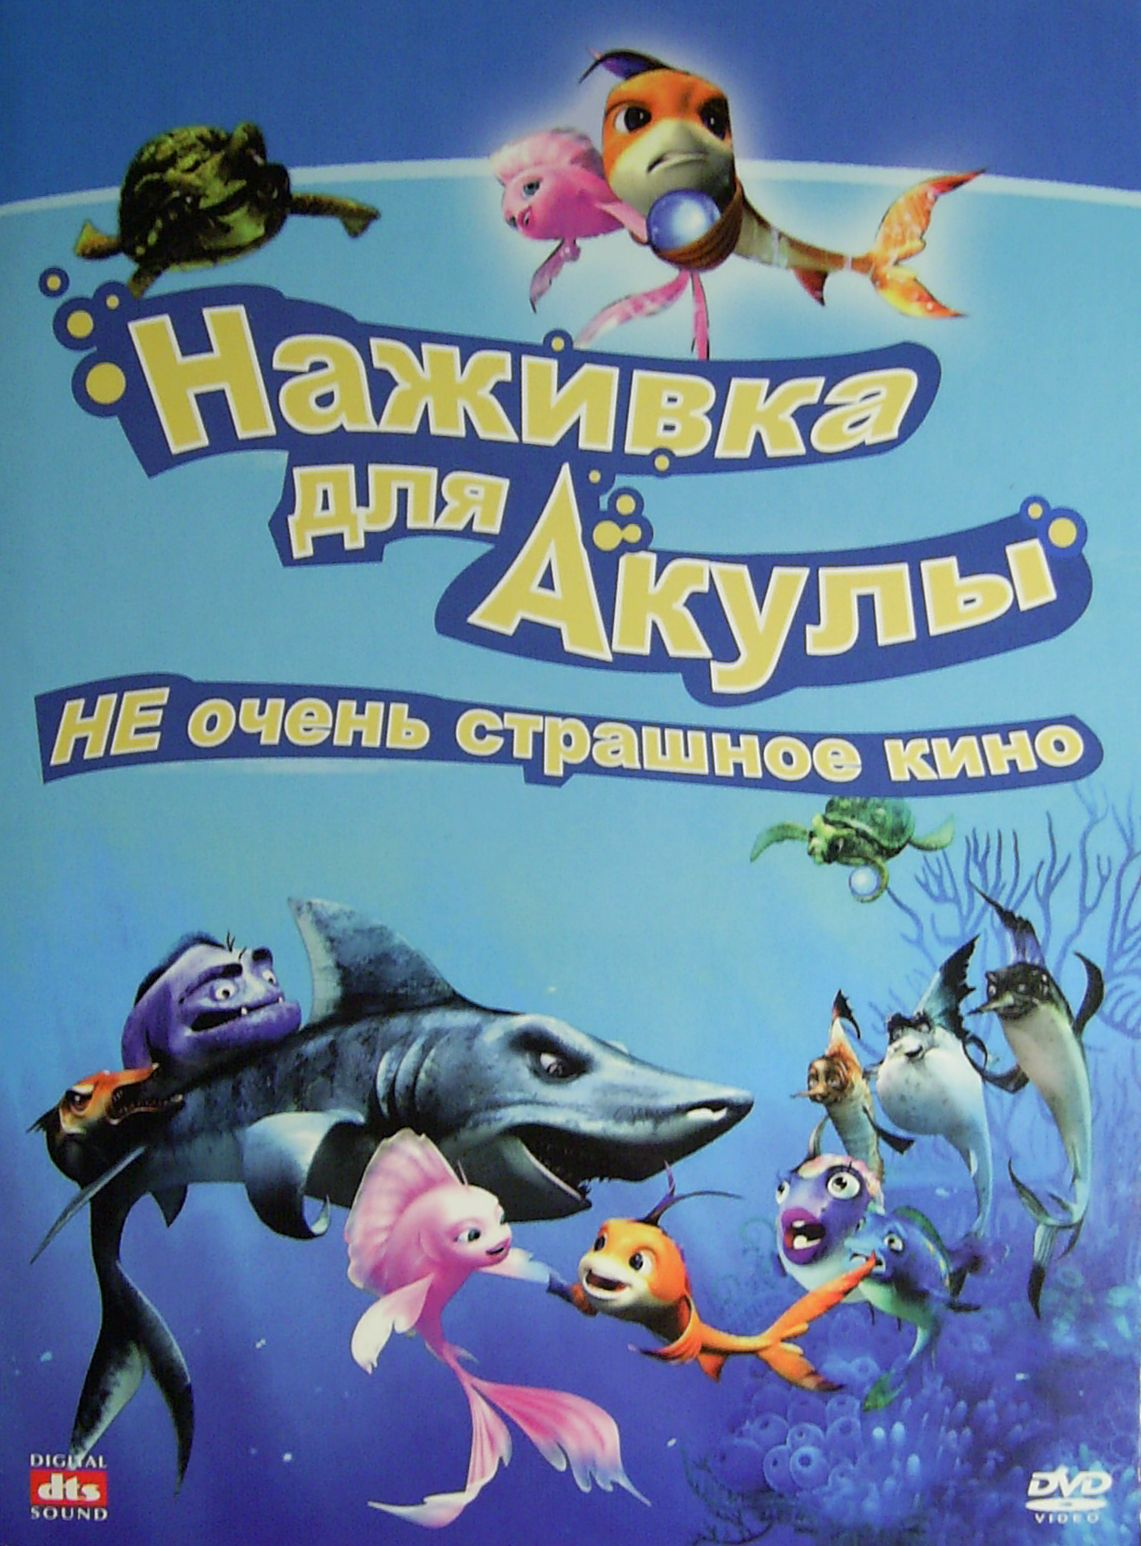 Страшное кино shark bait 2006 бесплатно